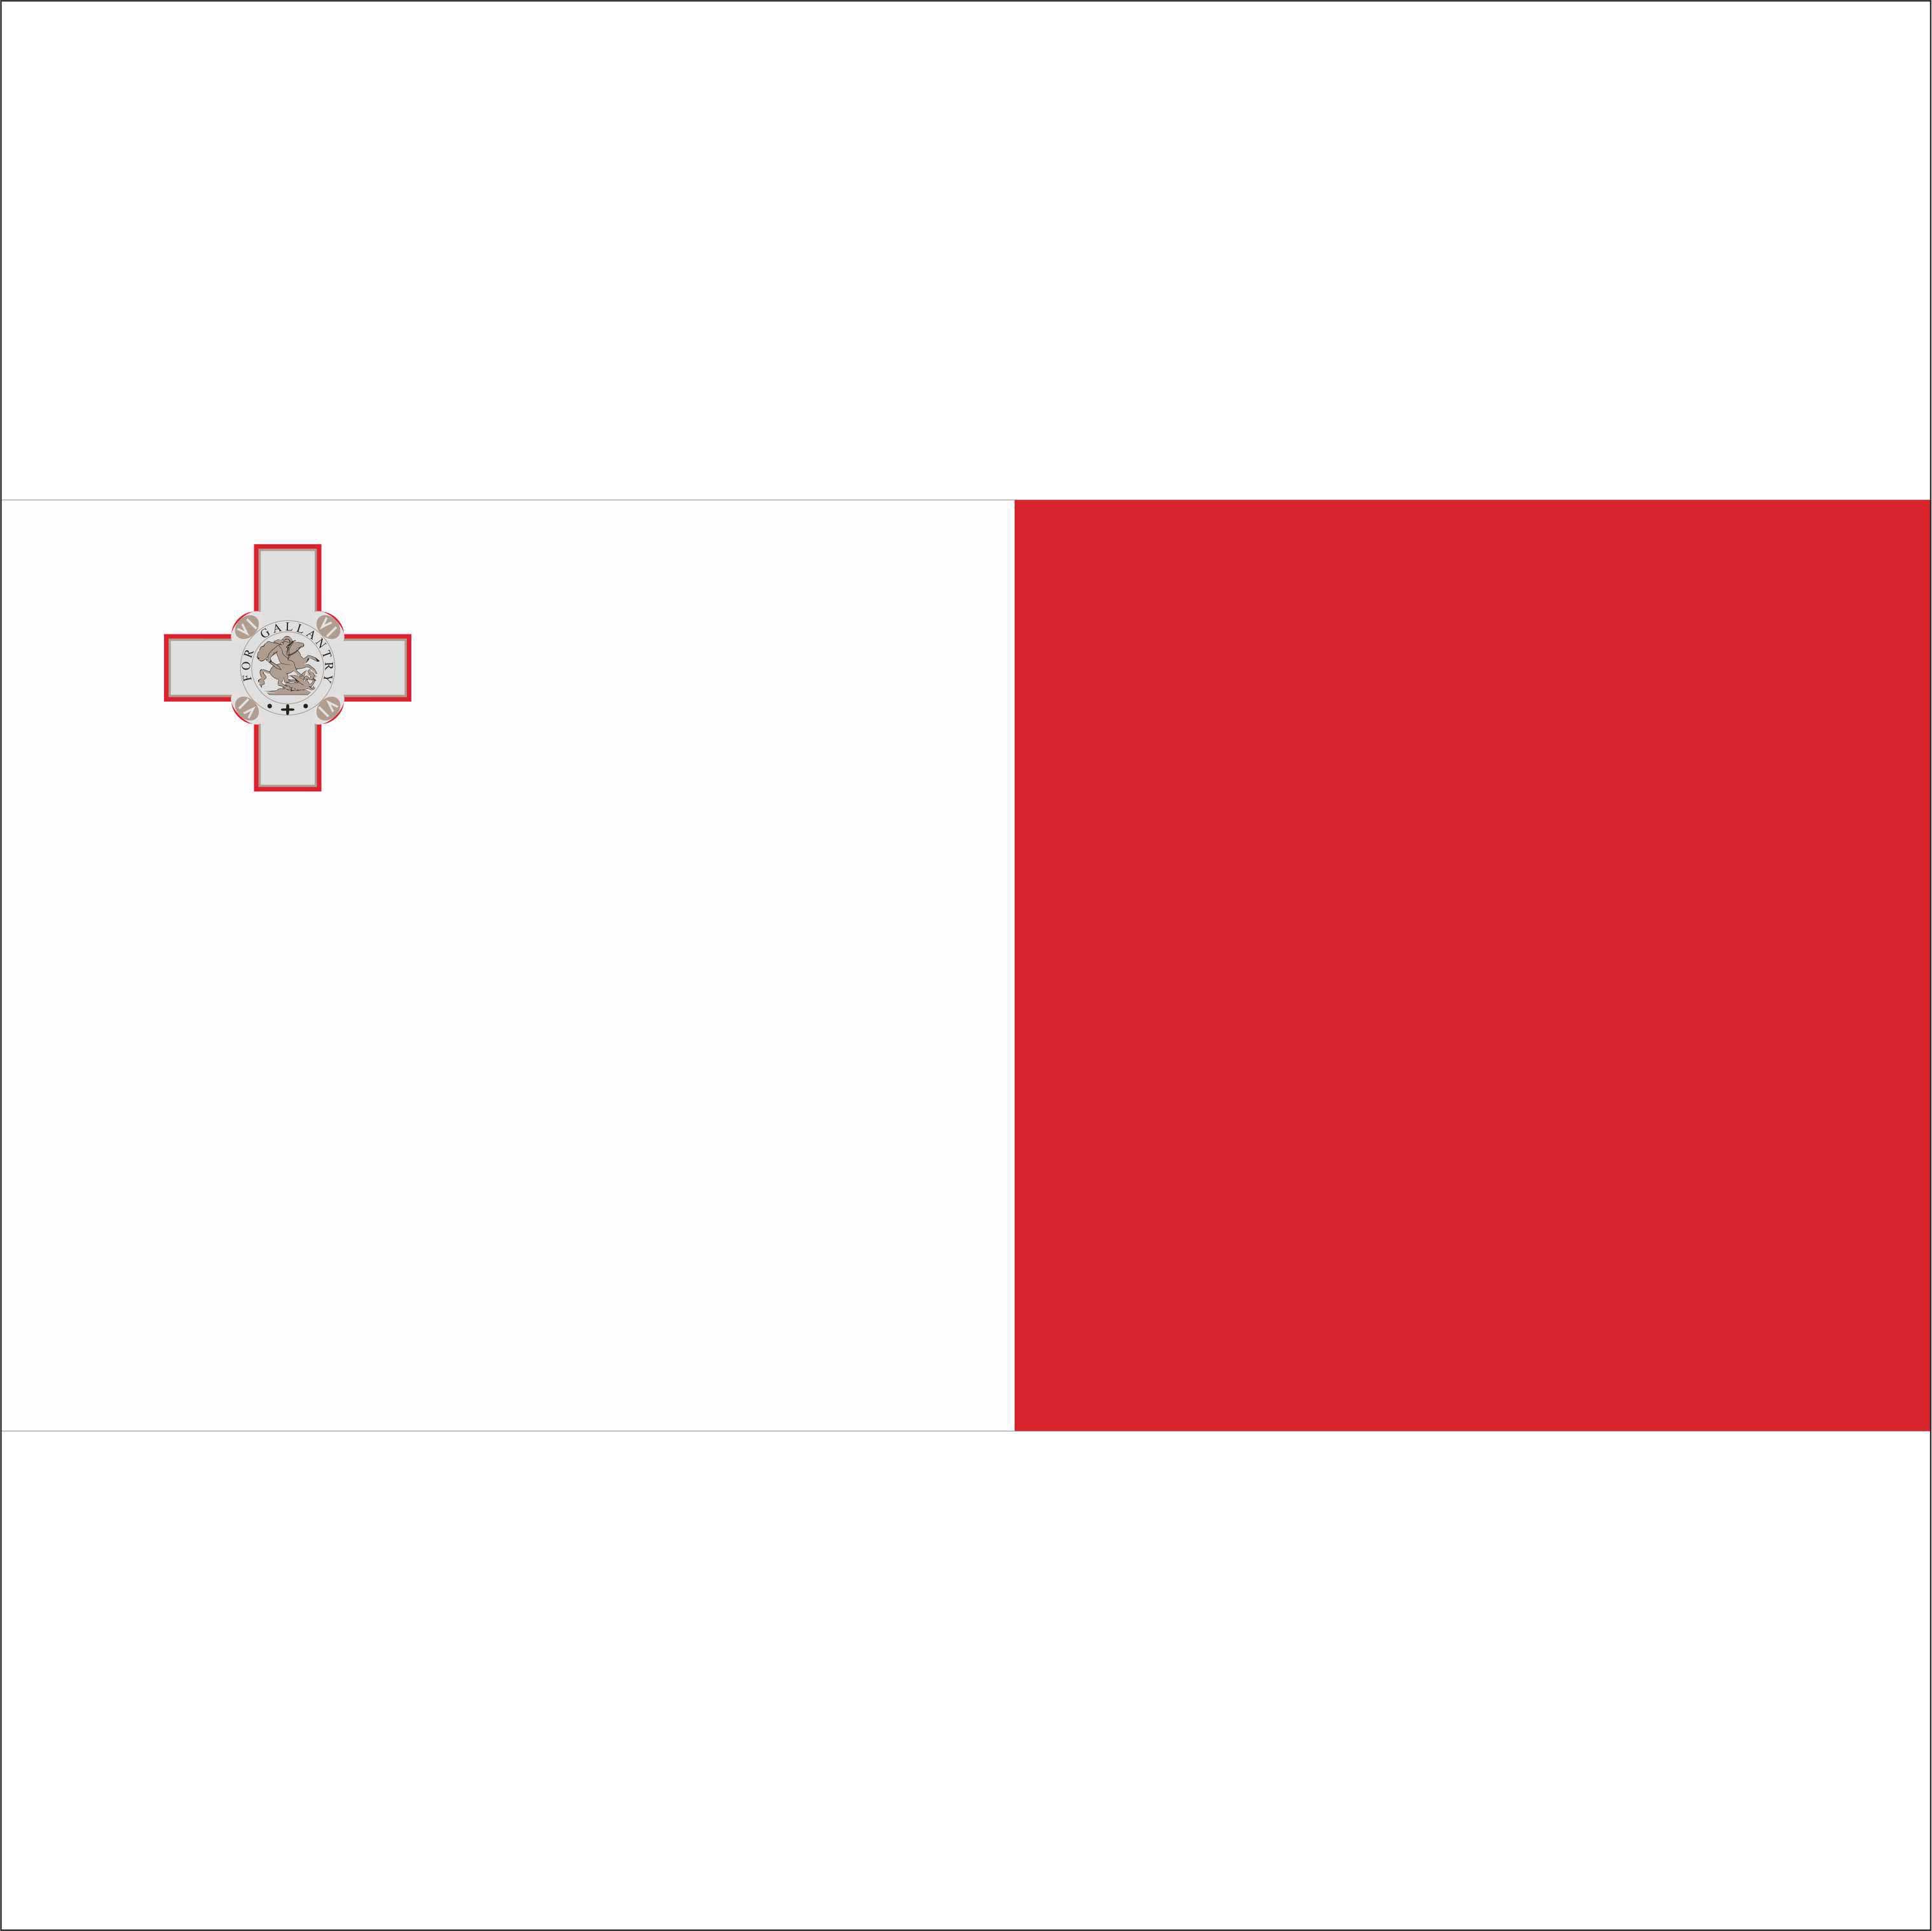 Флаг мальты в картинках